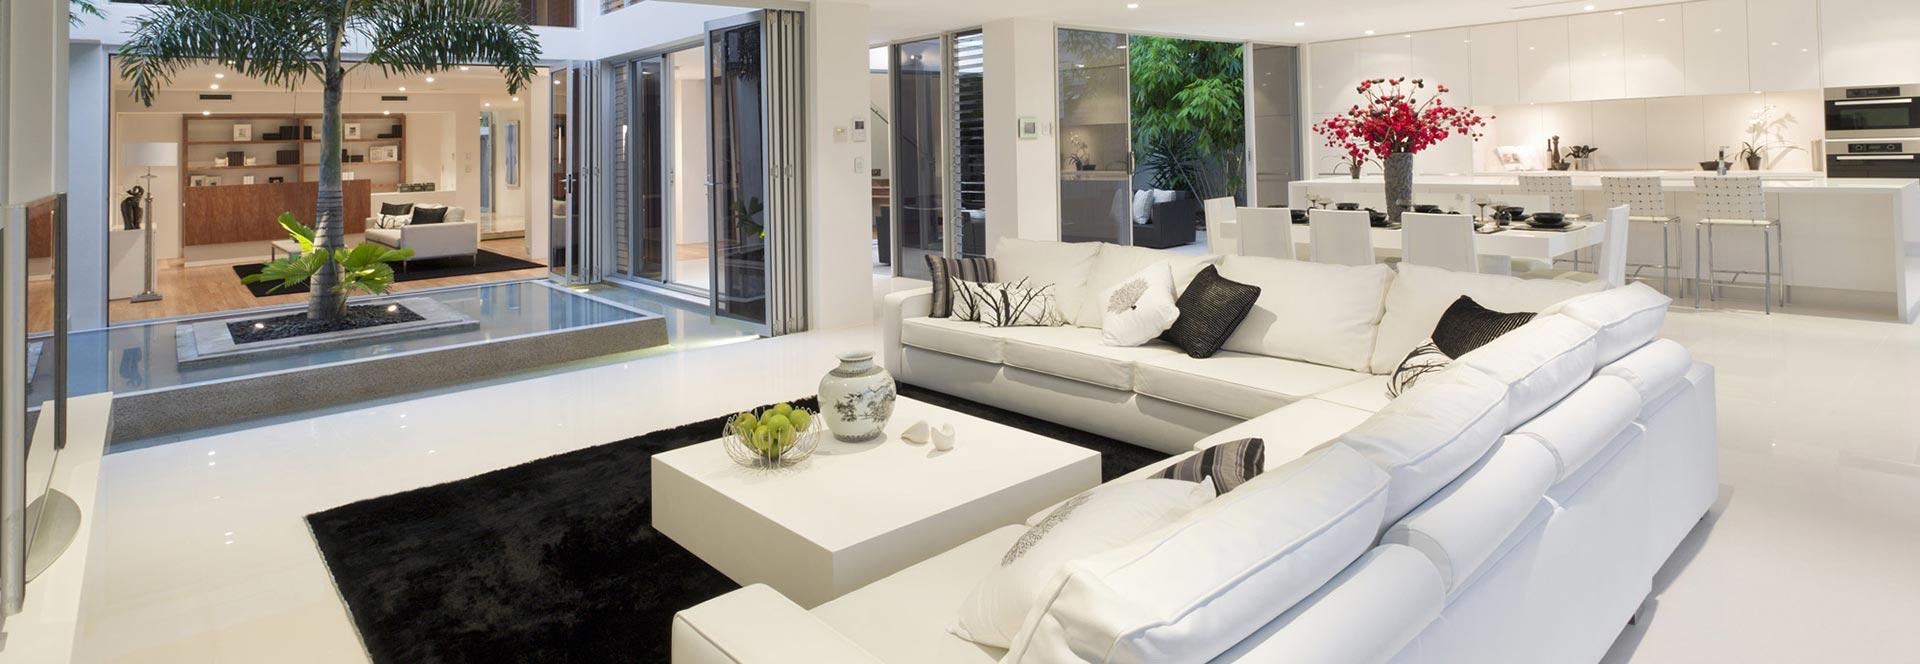 Immobilien Dominikanische Republik | Verkauf, Vermietung, Beratung